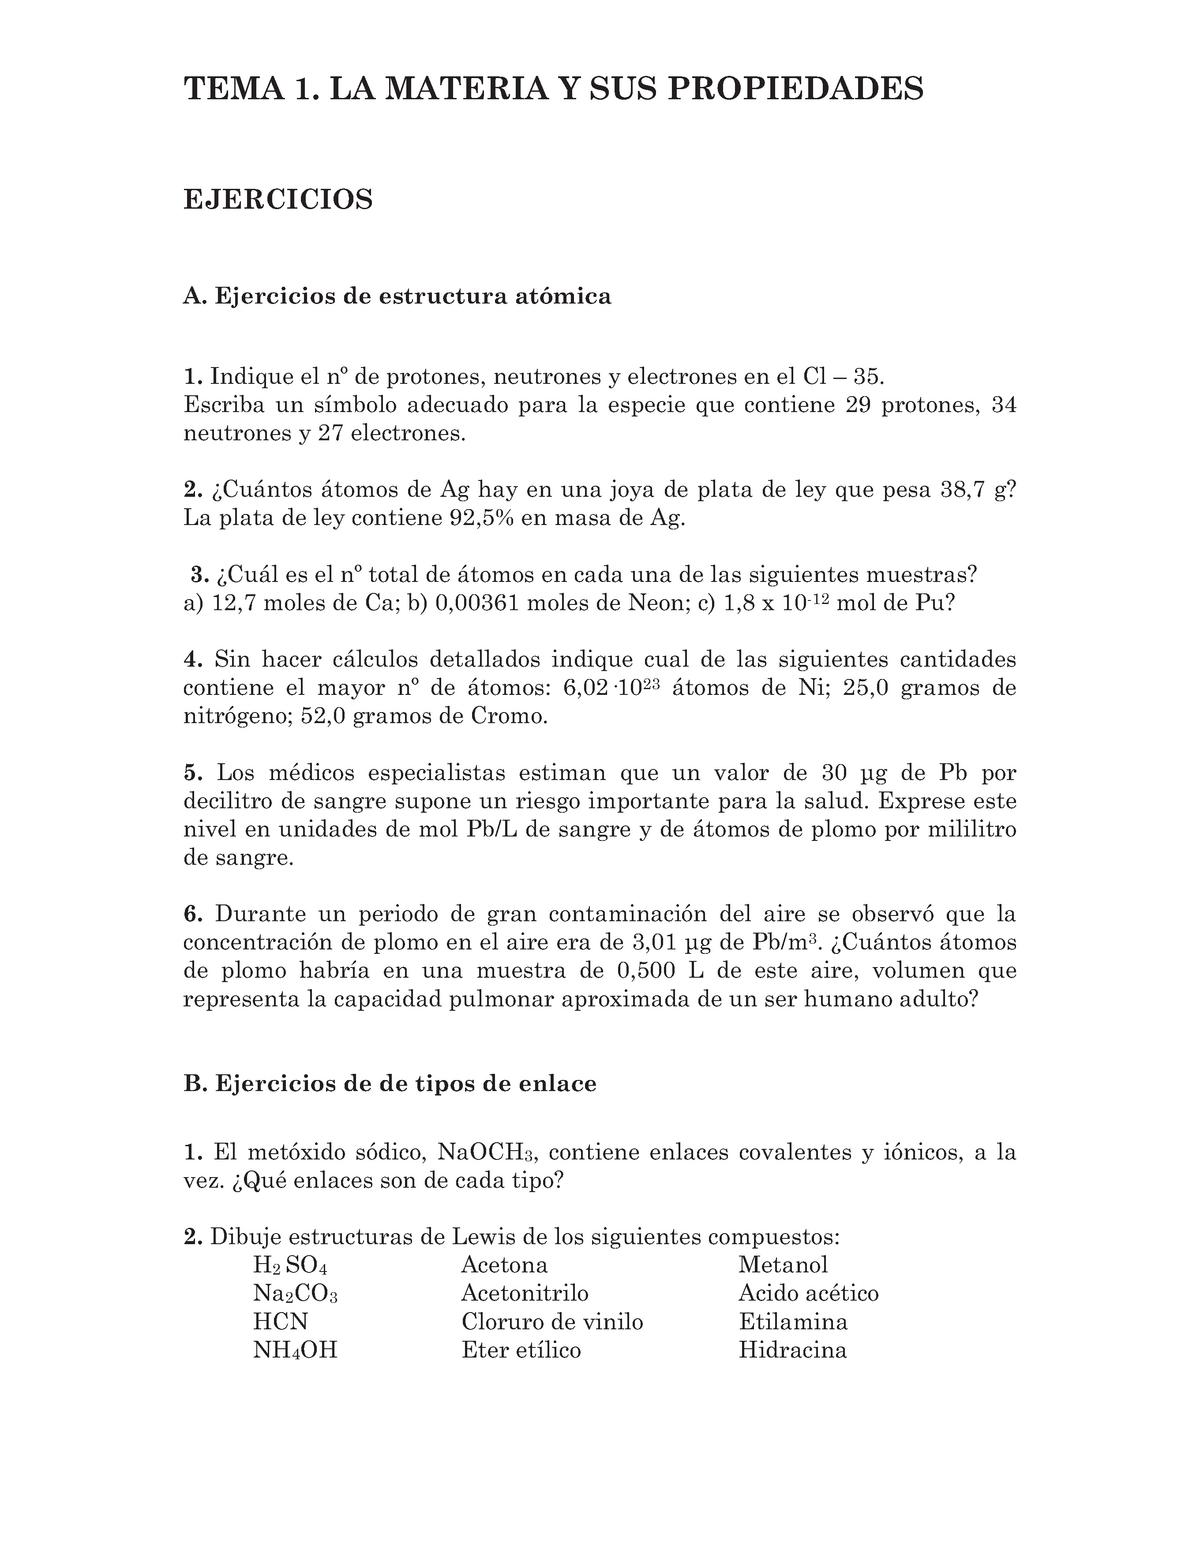 Ejercicios Obligatorios Orgánica En Biociencias Ejerciocios